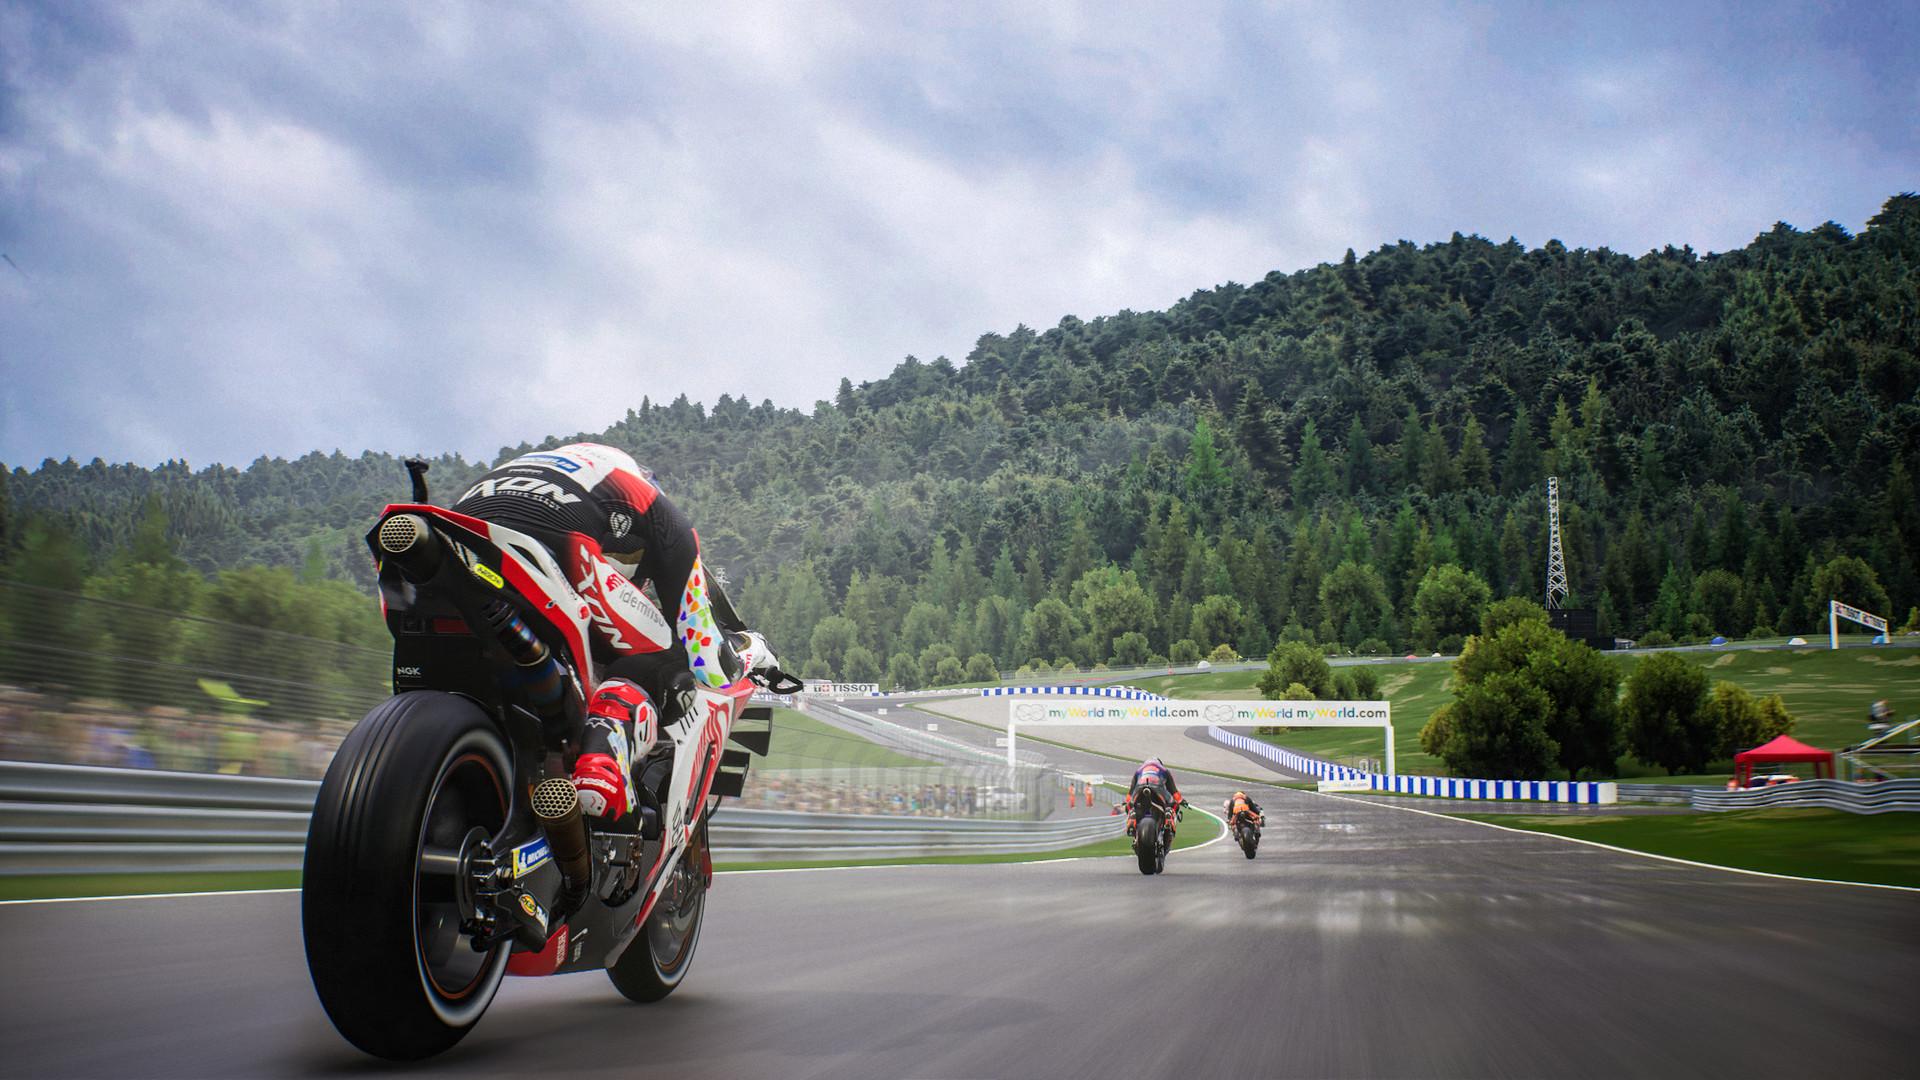 世界摩托大奖赛21/MotoGP21插图17